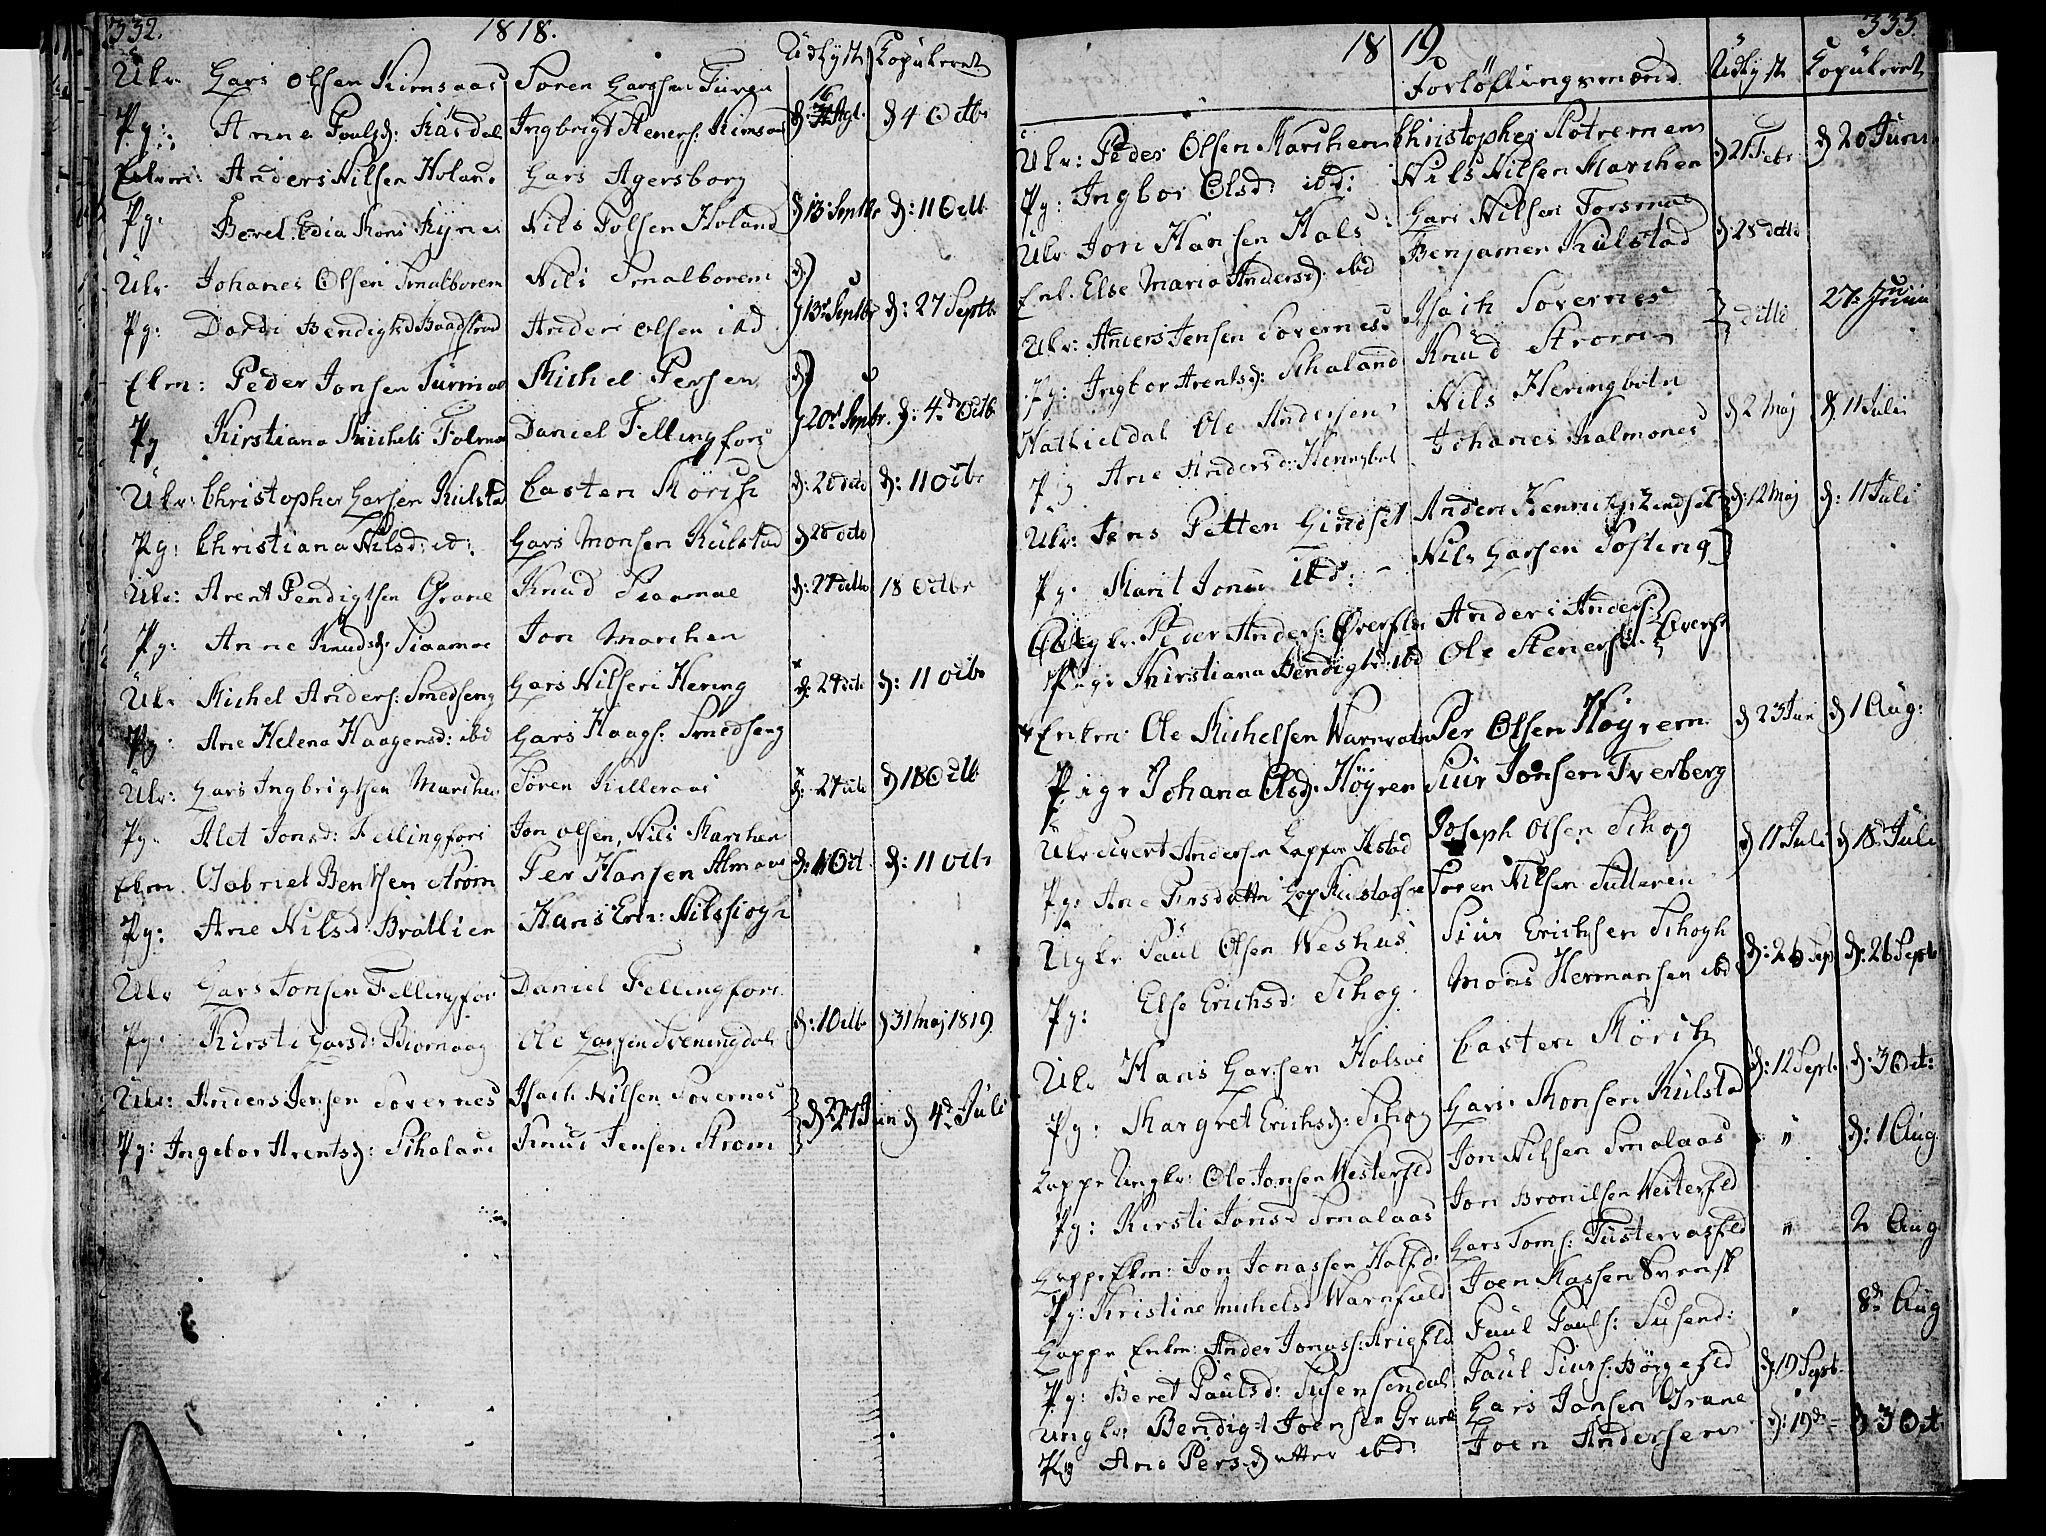 SAT, Ministerialprotokoller, klokkerbøker og fødselsregistre - Nordland, 820/L0287: Parish register (official) no. 820A08, 1800-1819, p. 332-333